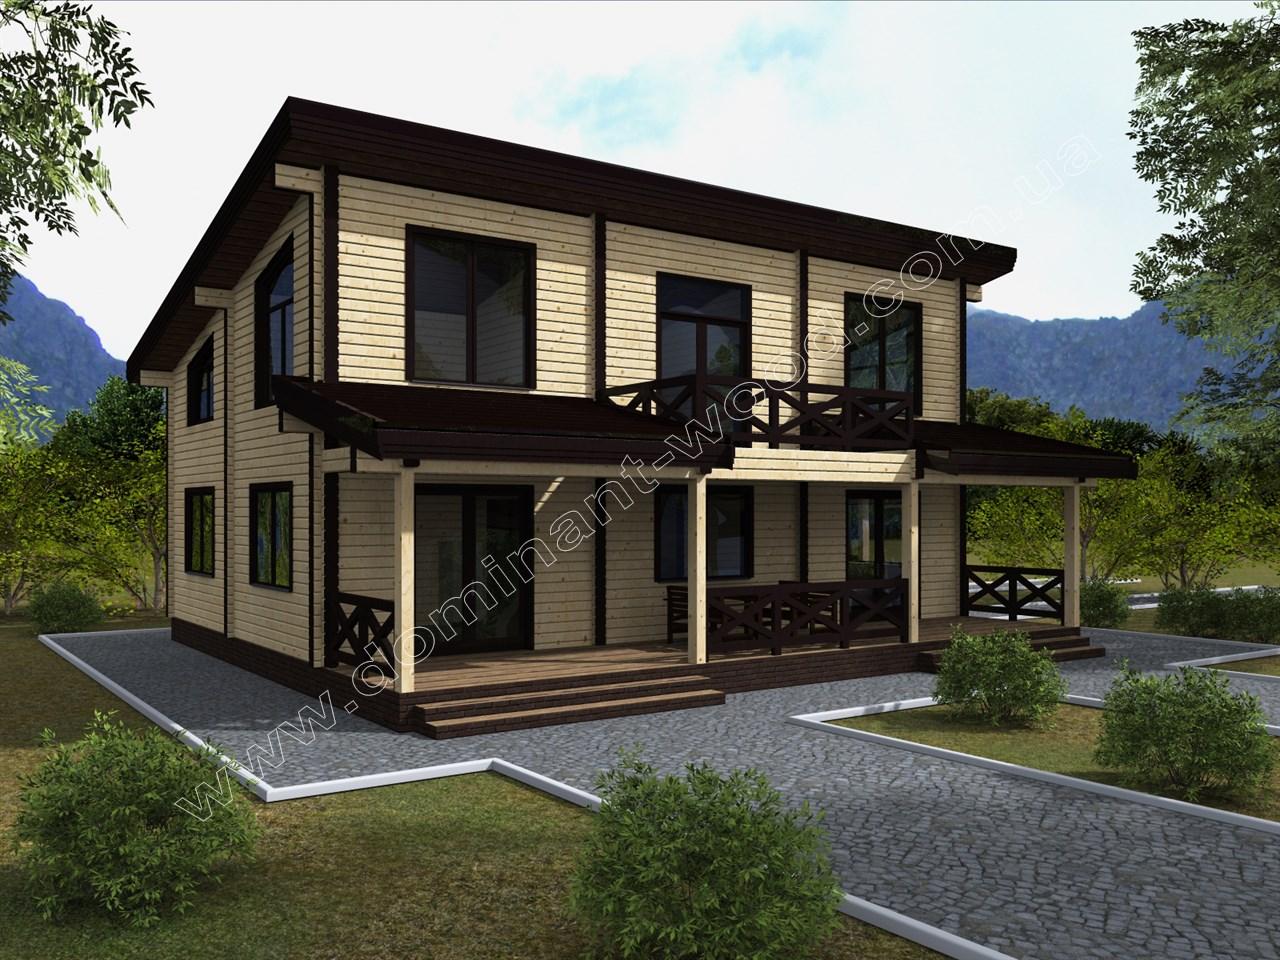 Новий проект будинку з сухого брусу Гордетан — Доминант